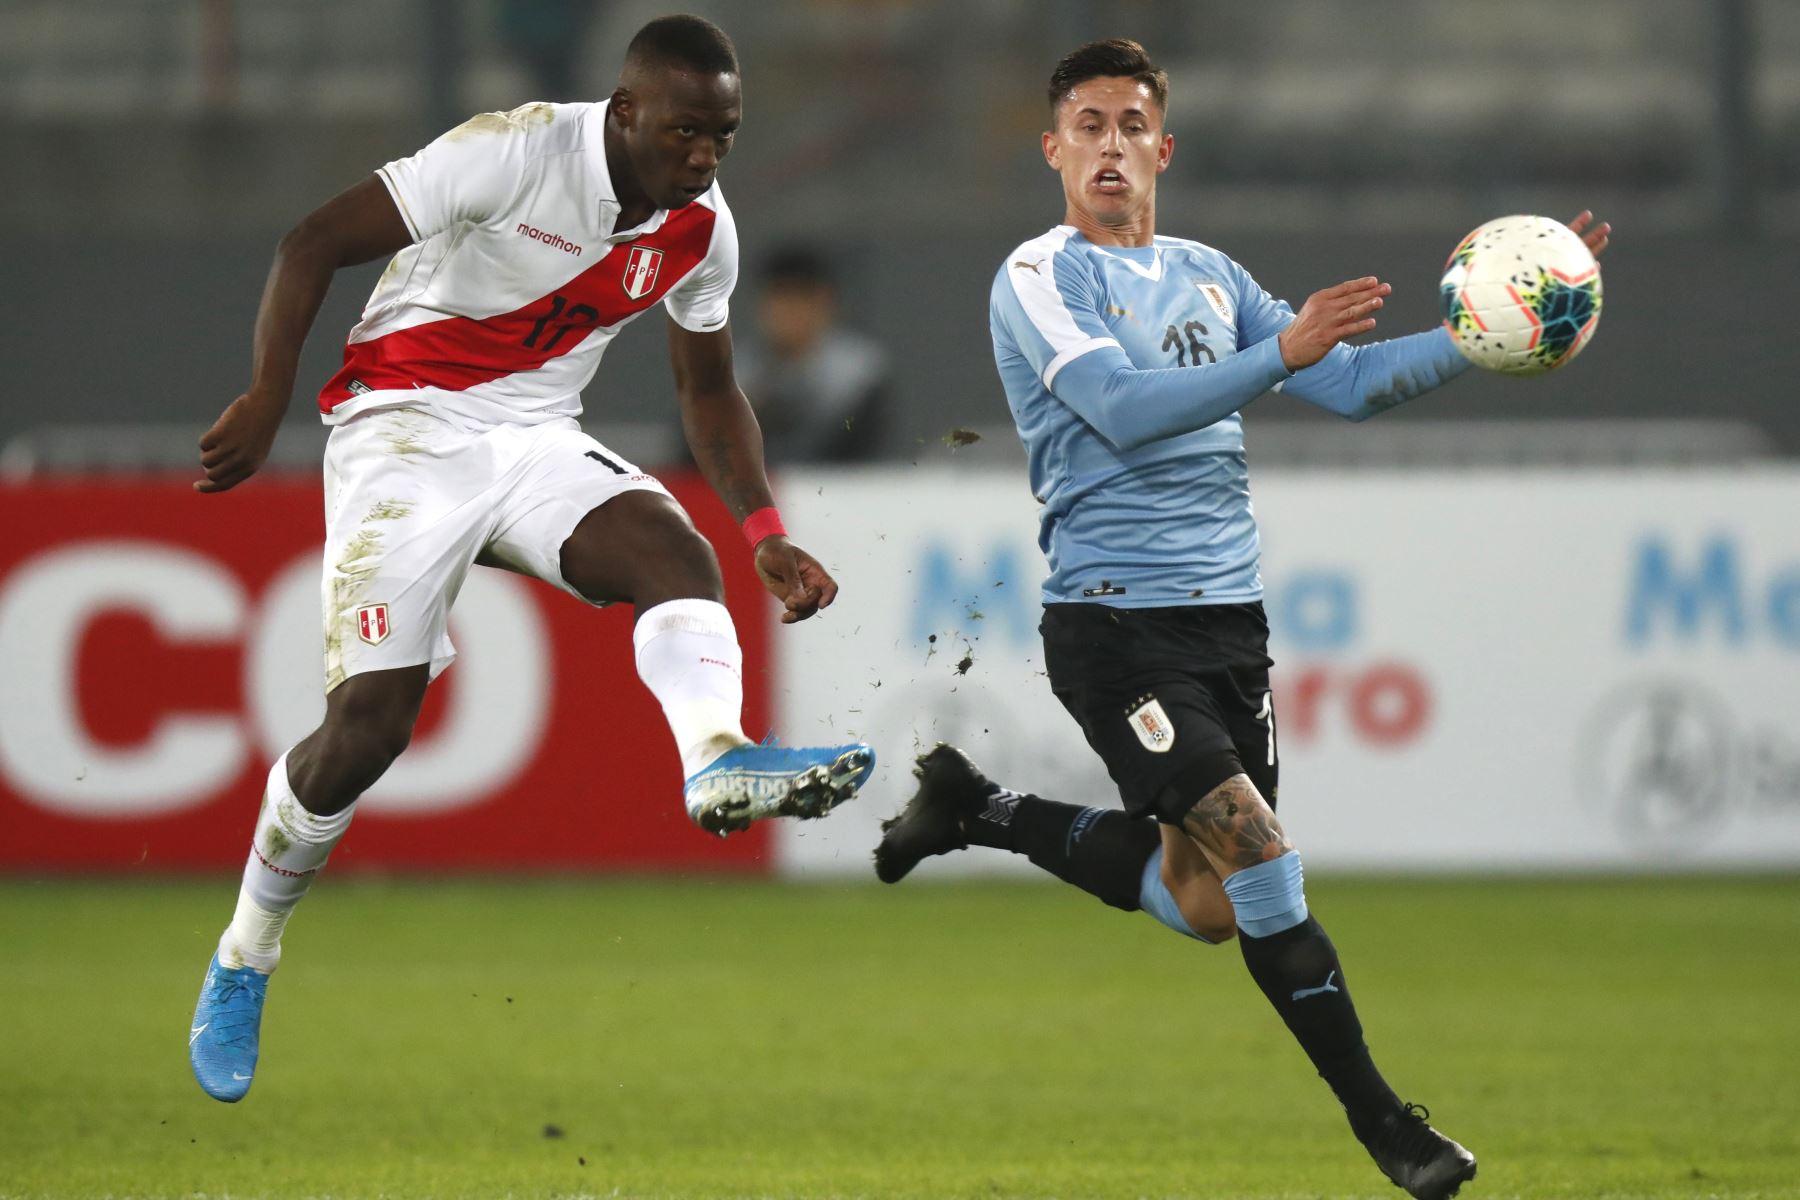 Luis Advíncula de Perú disputa la pelota con Brian Rodríguez de Uruguay durante el partido amistoso en el Estadio Nacional de Lima. Foto: ANDINA/ Carlos Lezama